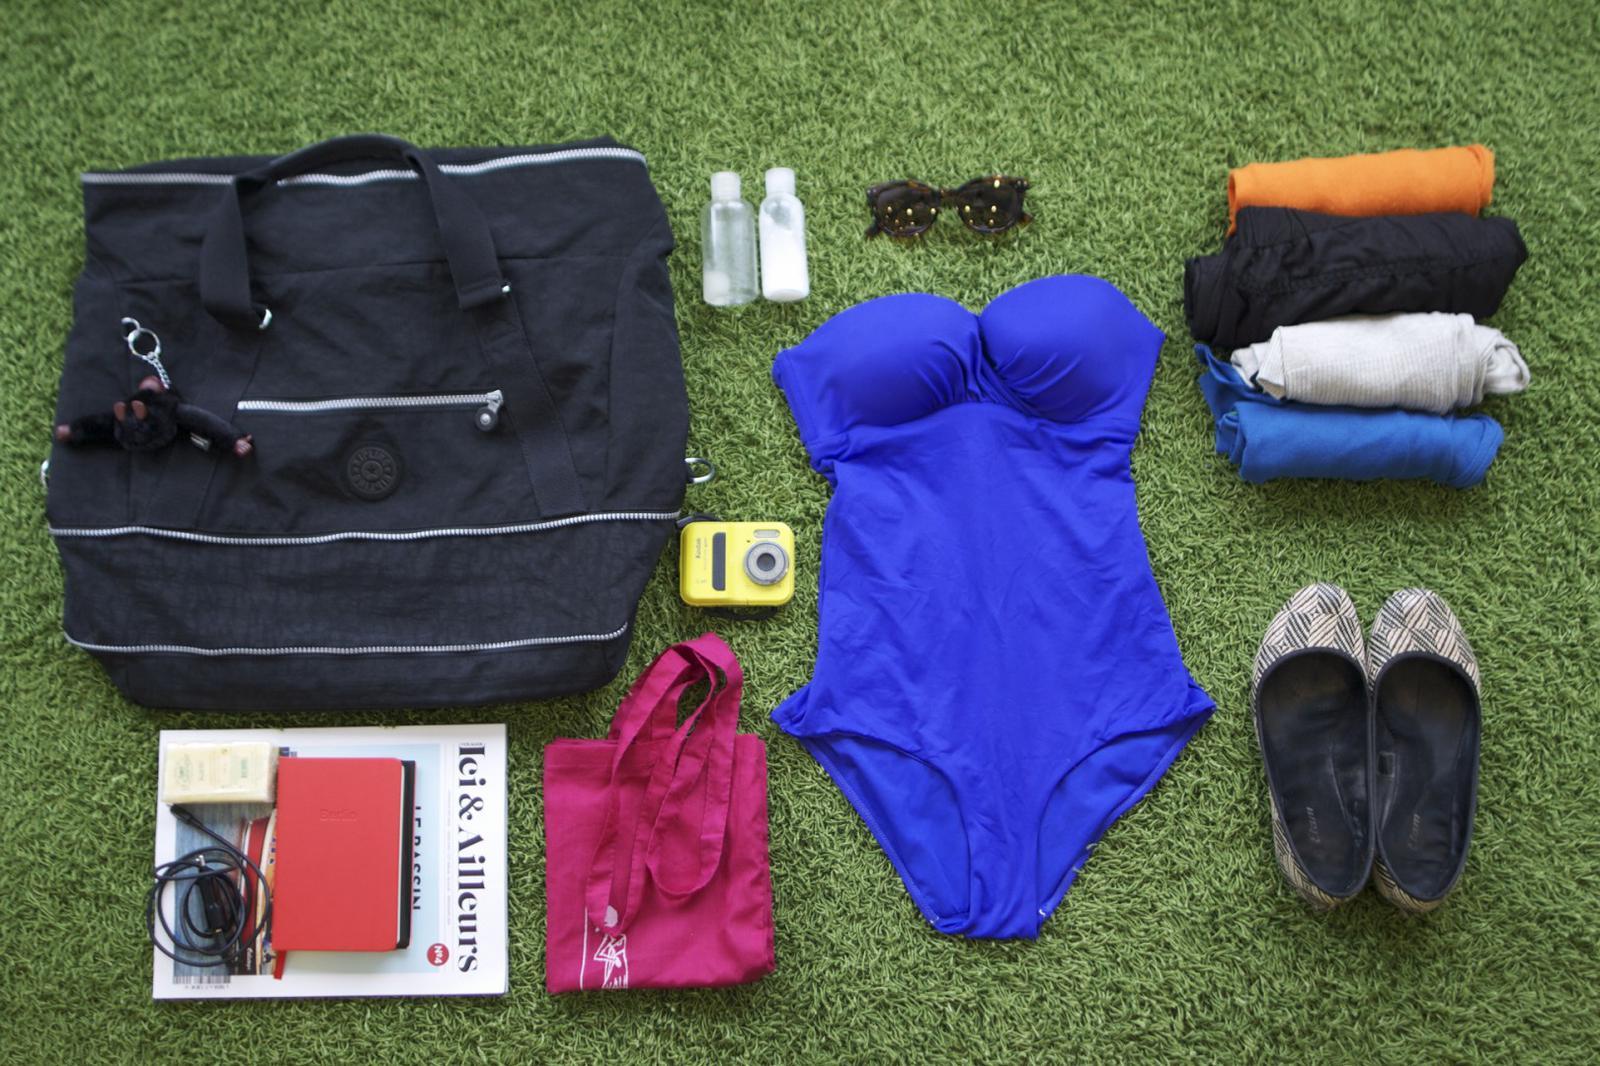 Sac de voyage, maillot de bain, appareil photo étanche; Comment faire sa valise: le guide pratique complet